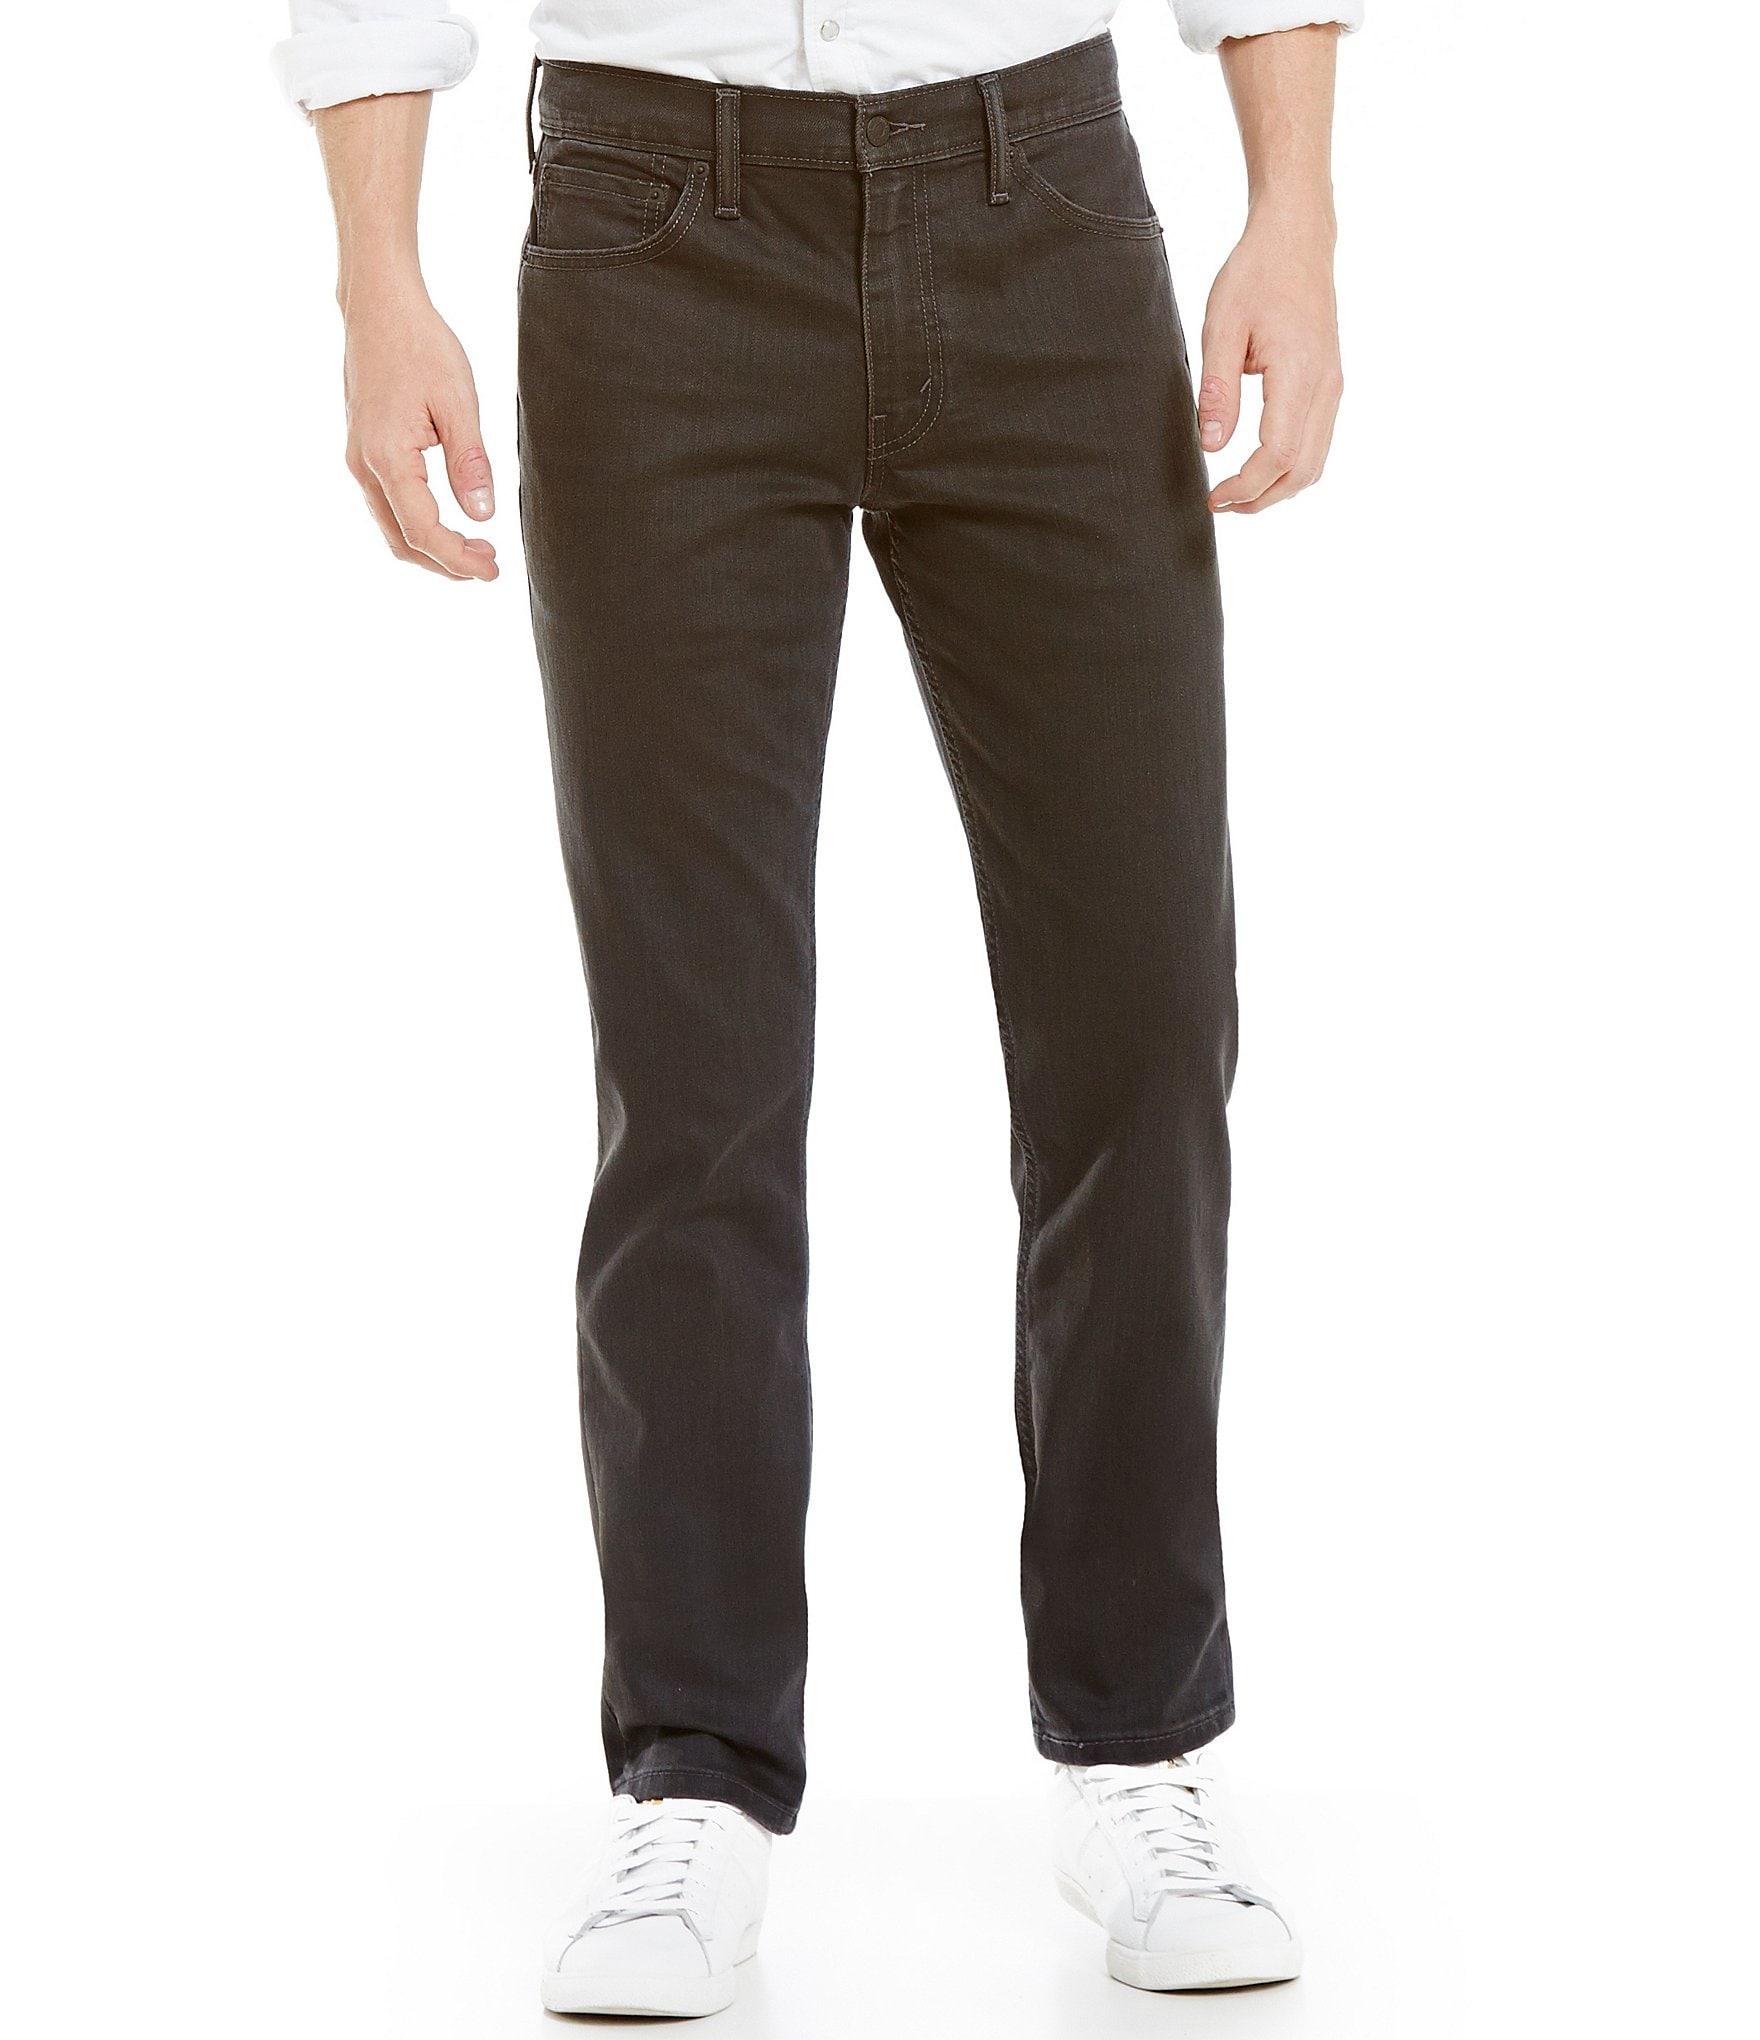 levi s 511 slim fit jeans dillards. Black Bedroom Furniture Sets. Home Design Ideas